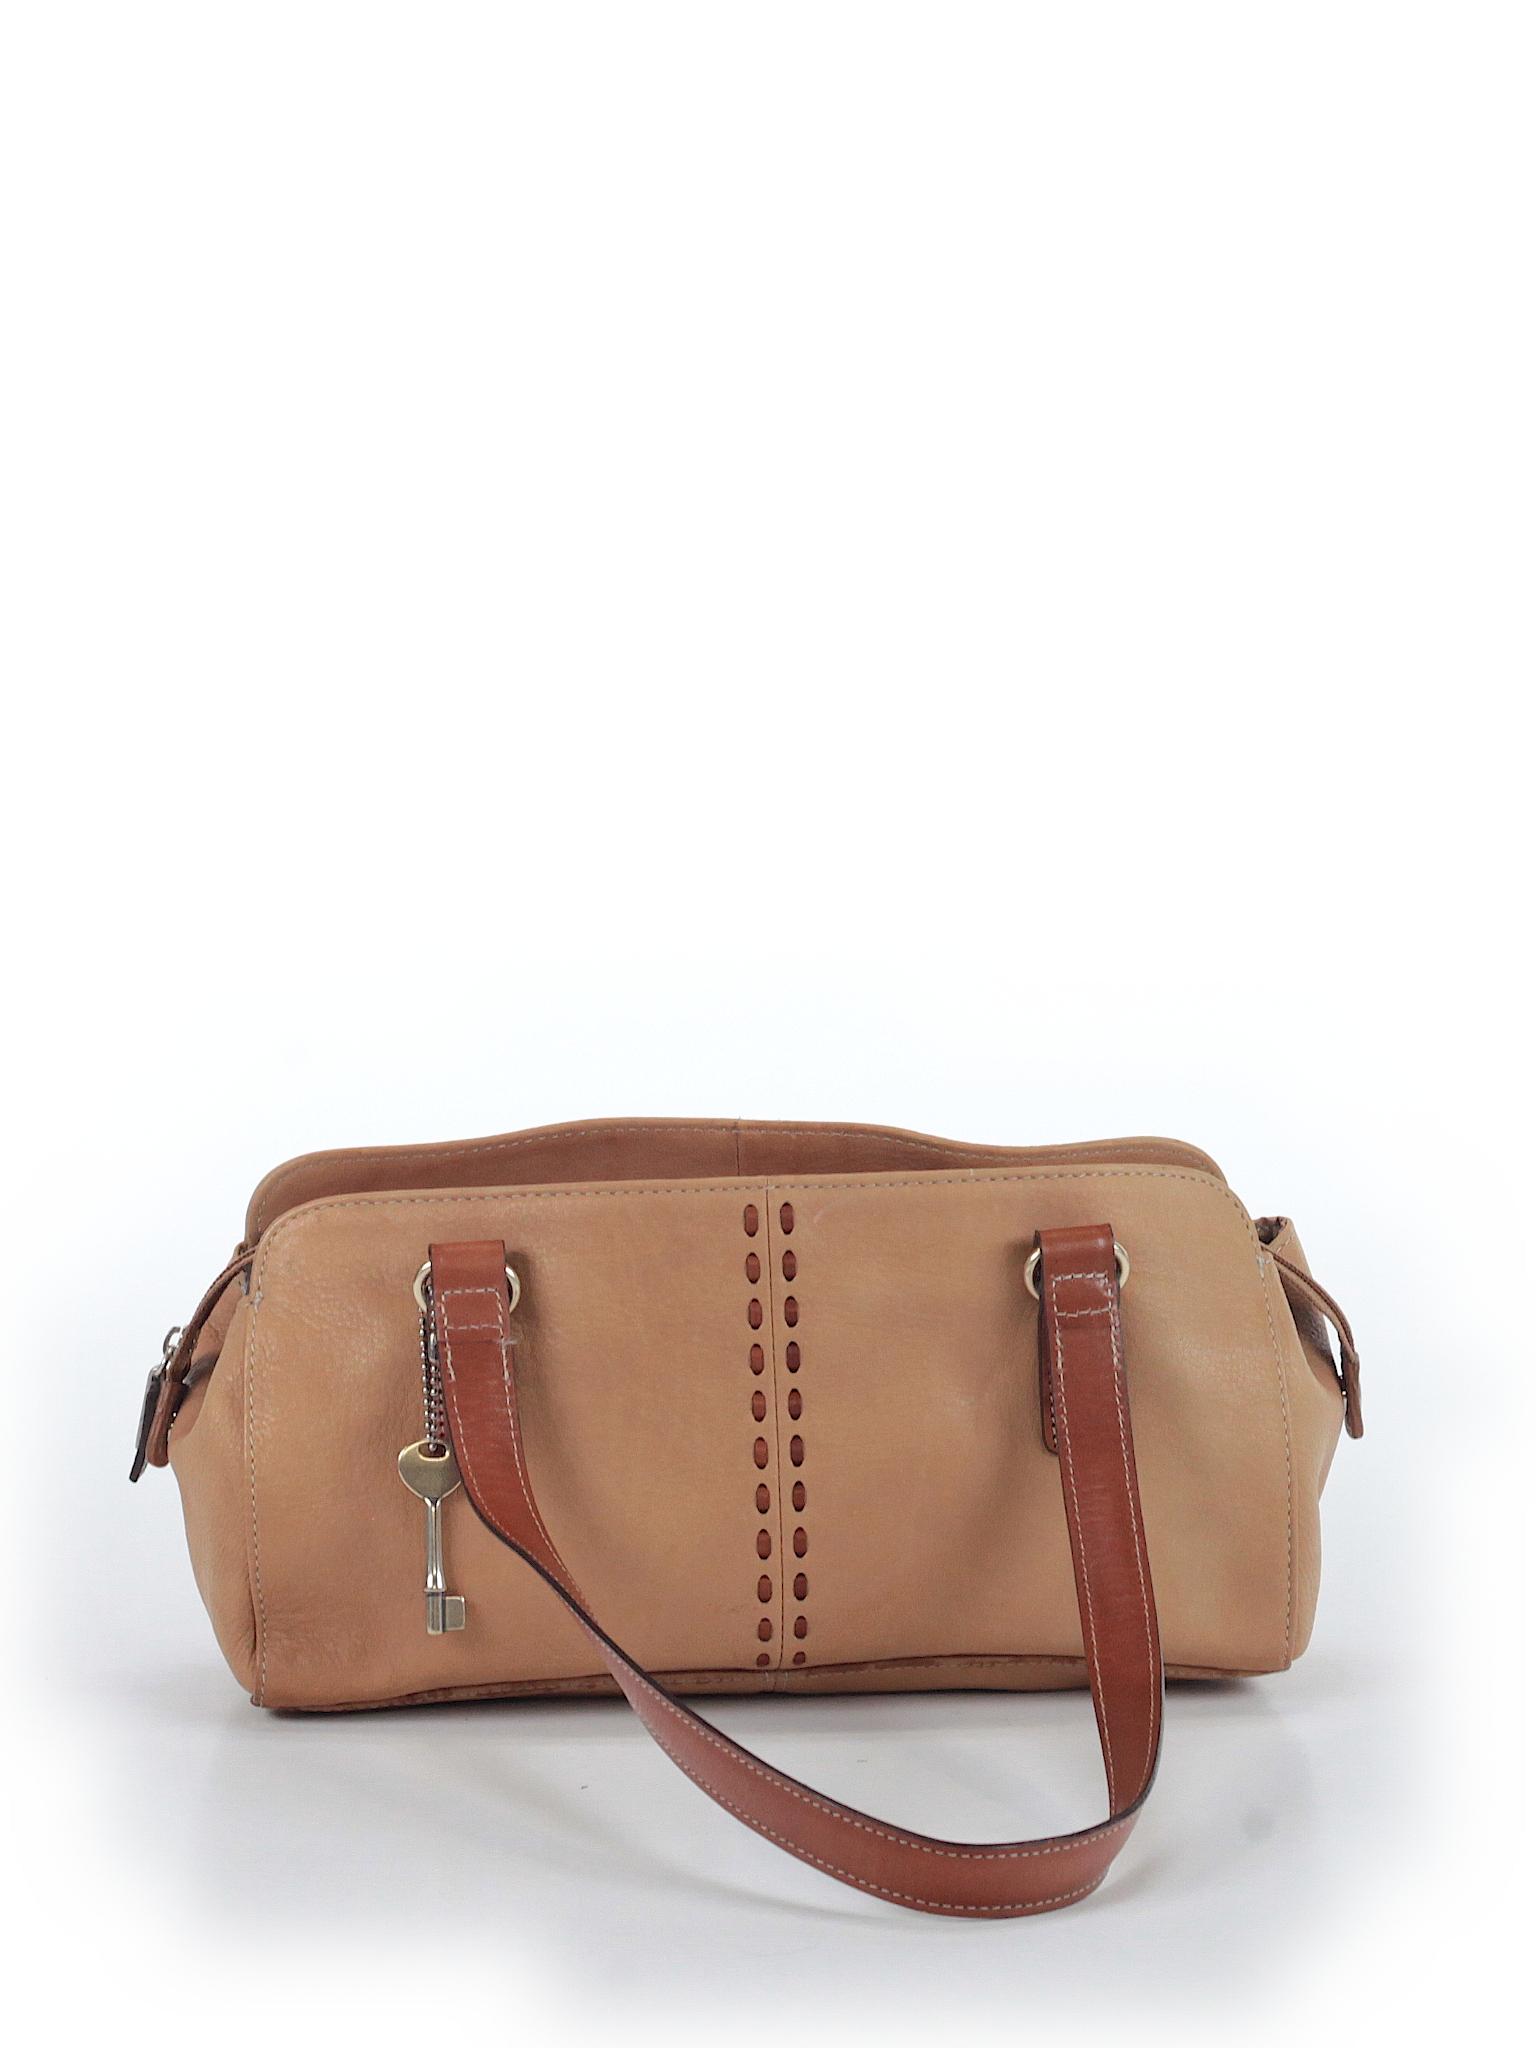 Fossil Leather Shoulder Bag - 78% Off Only On ThredUP